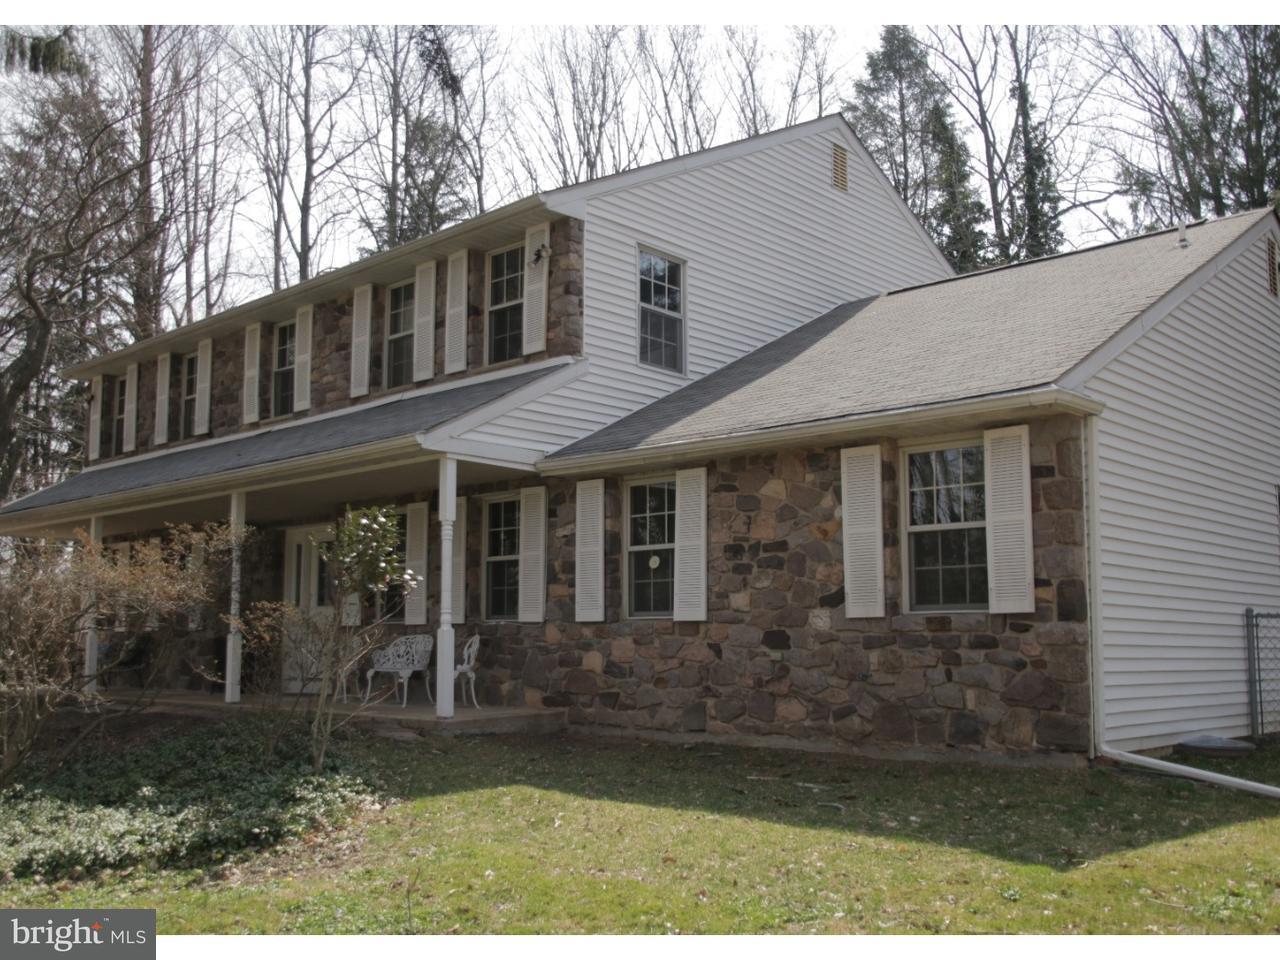 一戸建て のために 売買 アット 588 PULINSKI Road Warminster, ペンシルベニア 18974 アメリカ合衆国